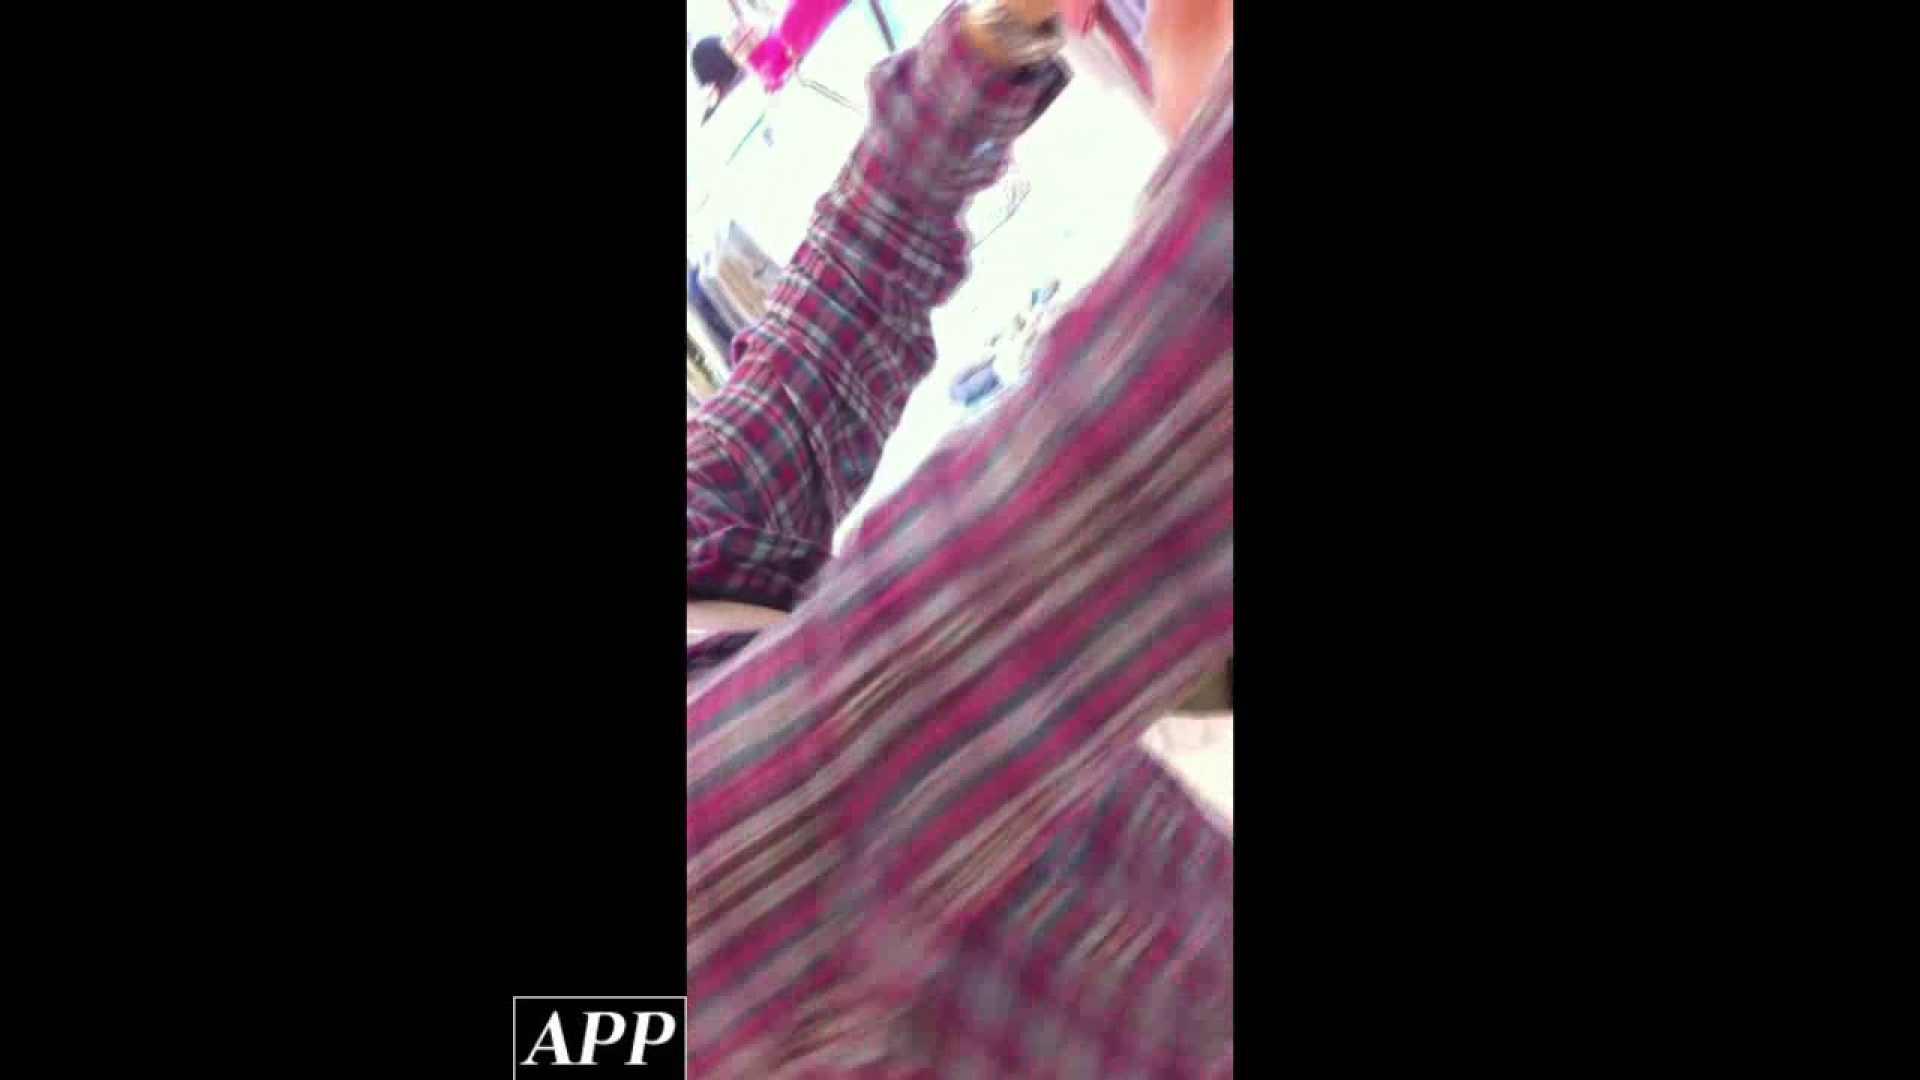 ハイビジョン盗撮!ショップ店員千人斬り!胸チラ編 vol.94 盗撮 のぞき動画画像 109PICs 26